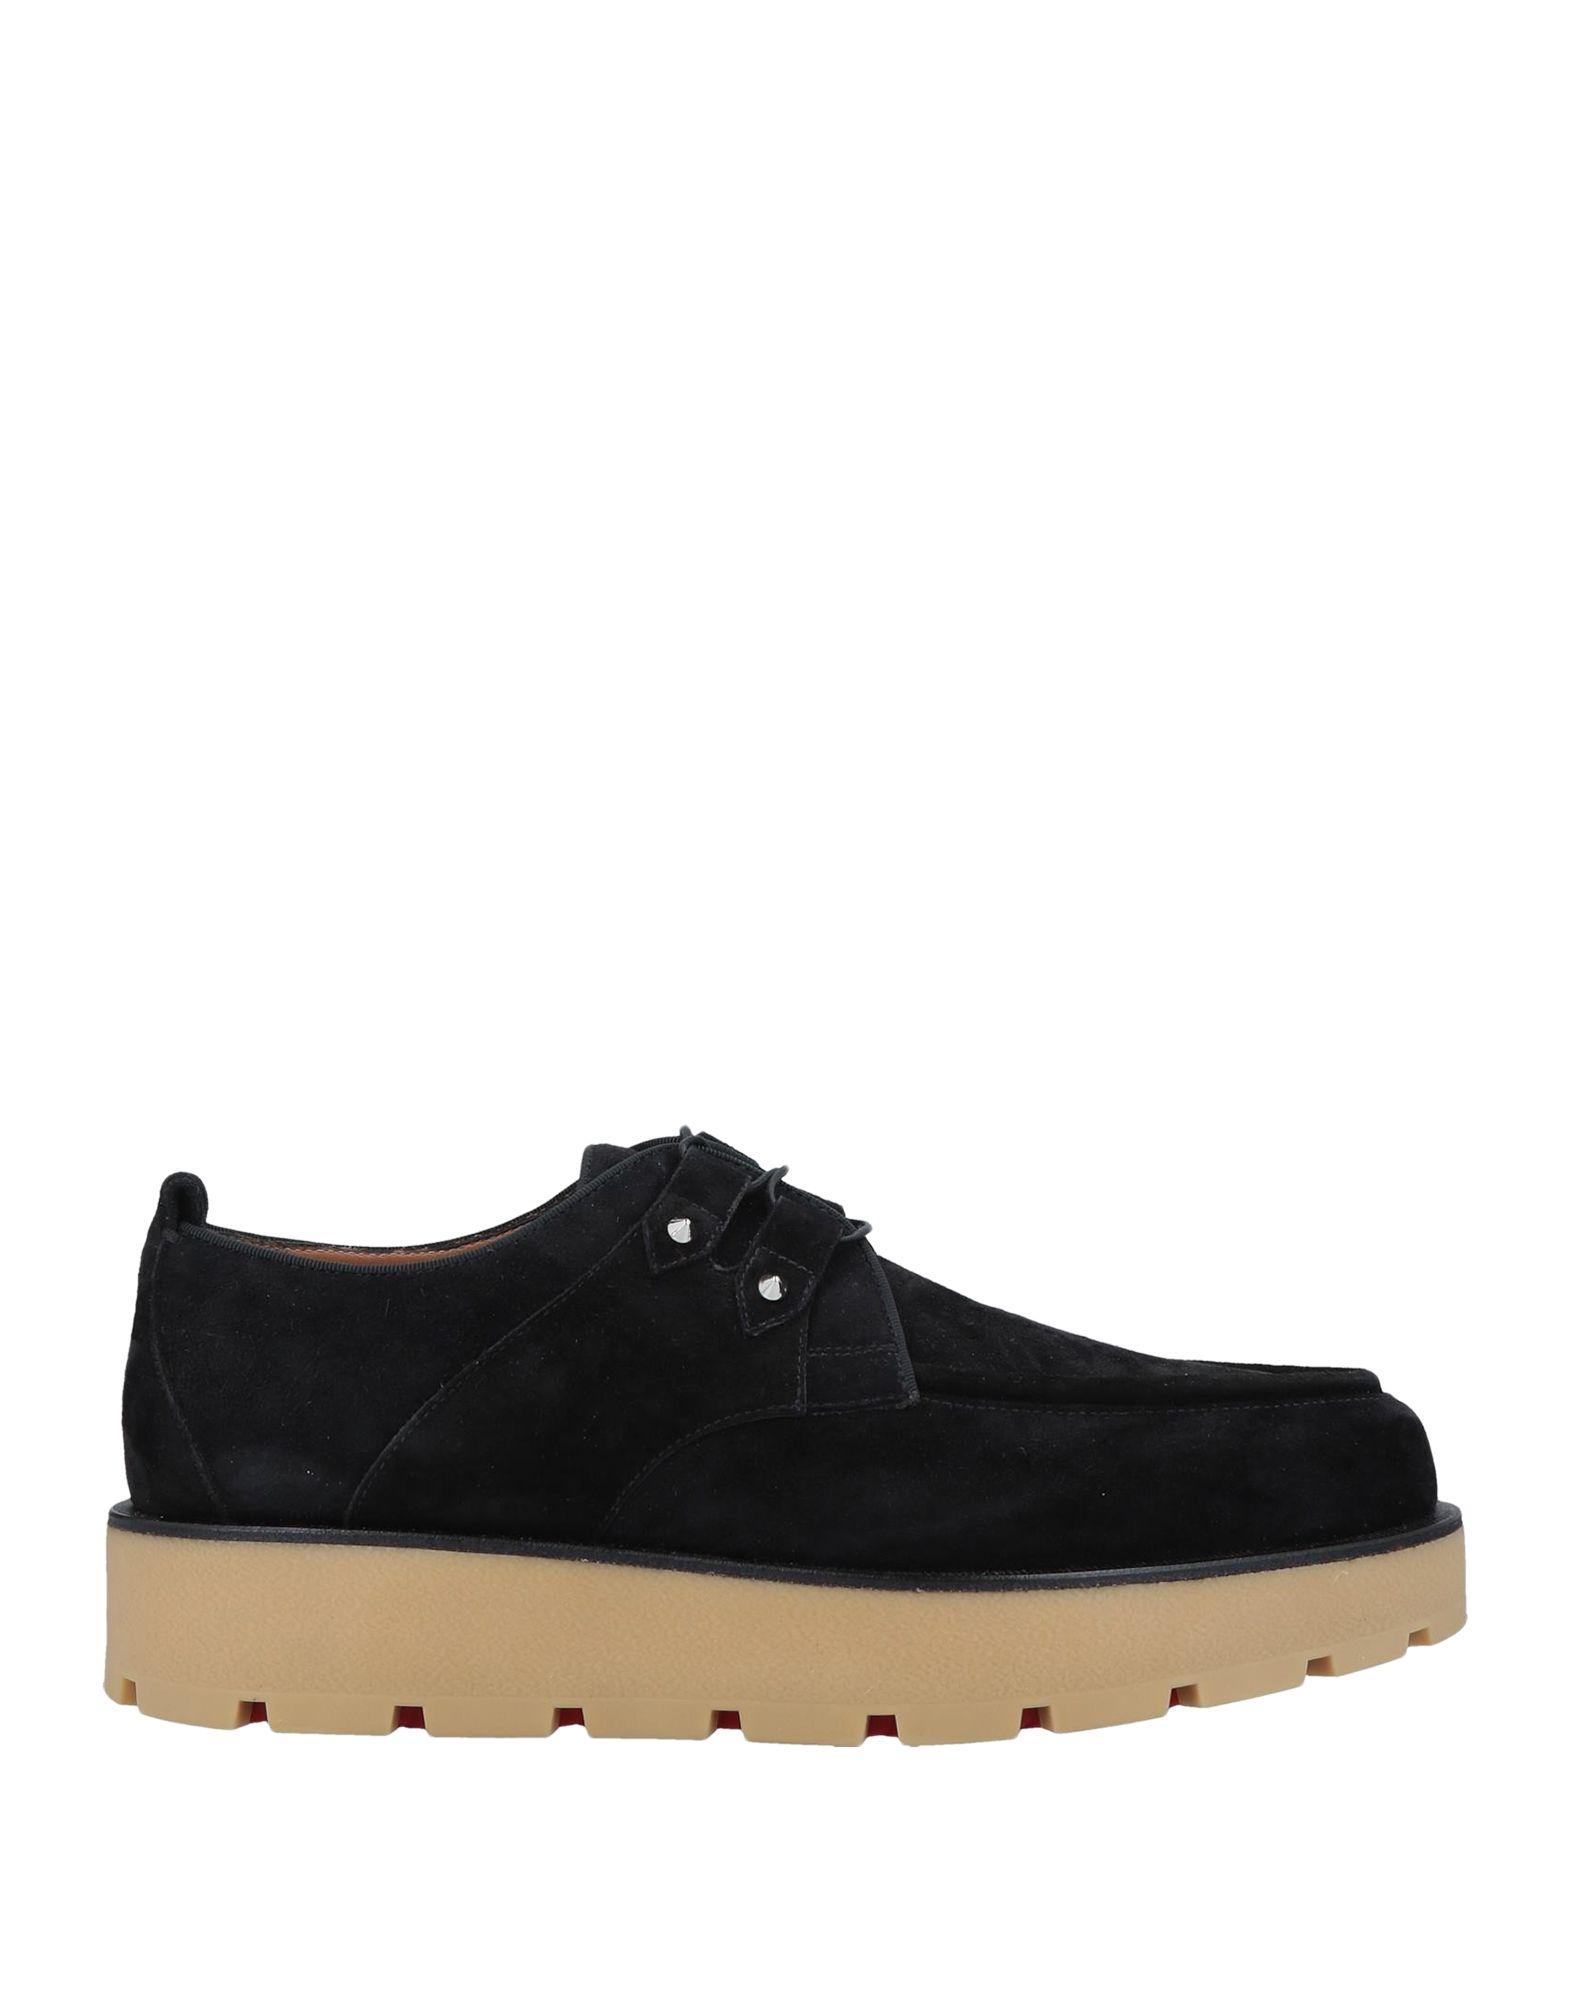 CHRISTIAN LOUBOUTIN Обувь на шнурках туфли christian louboutin 10